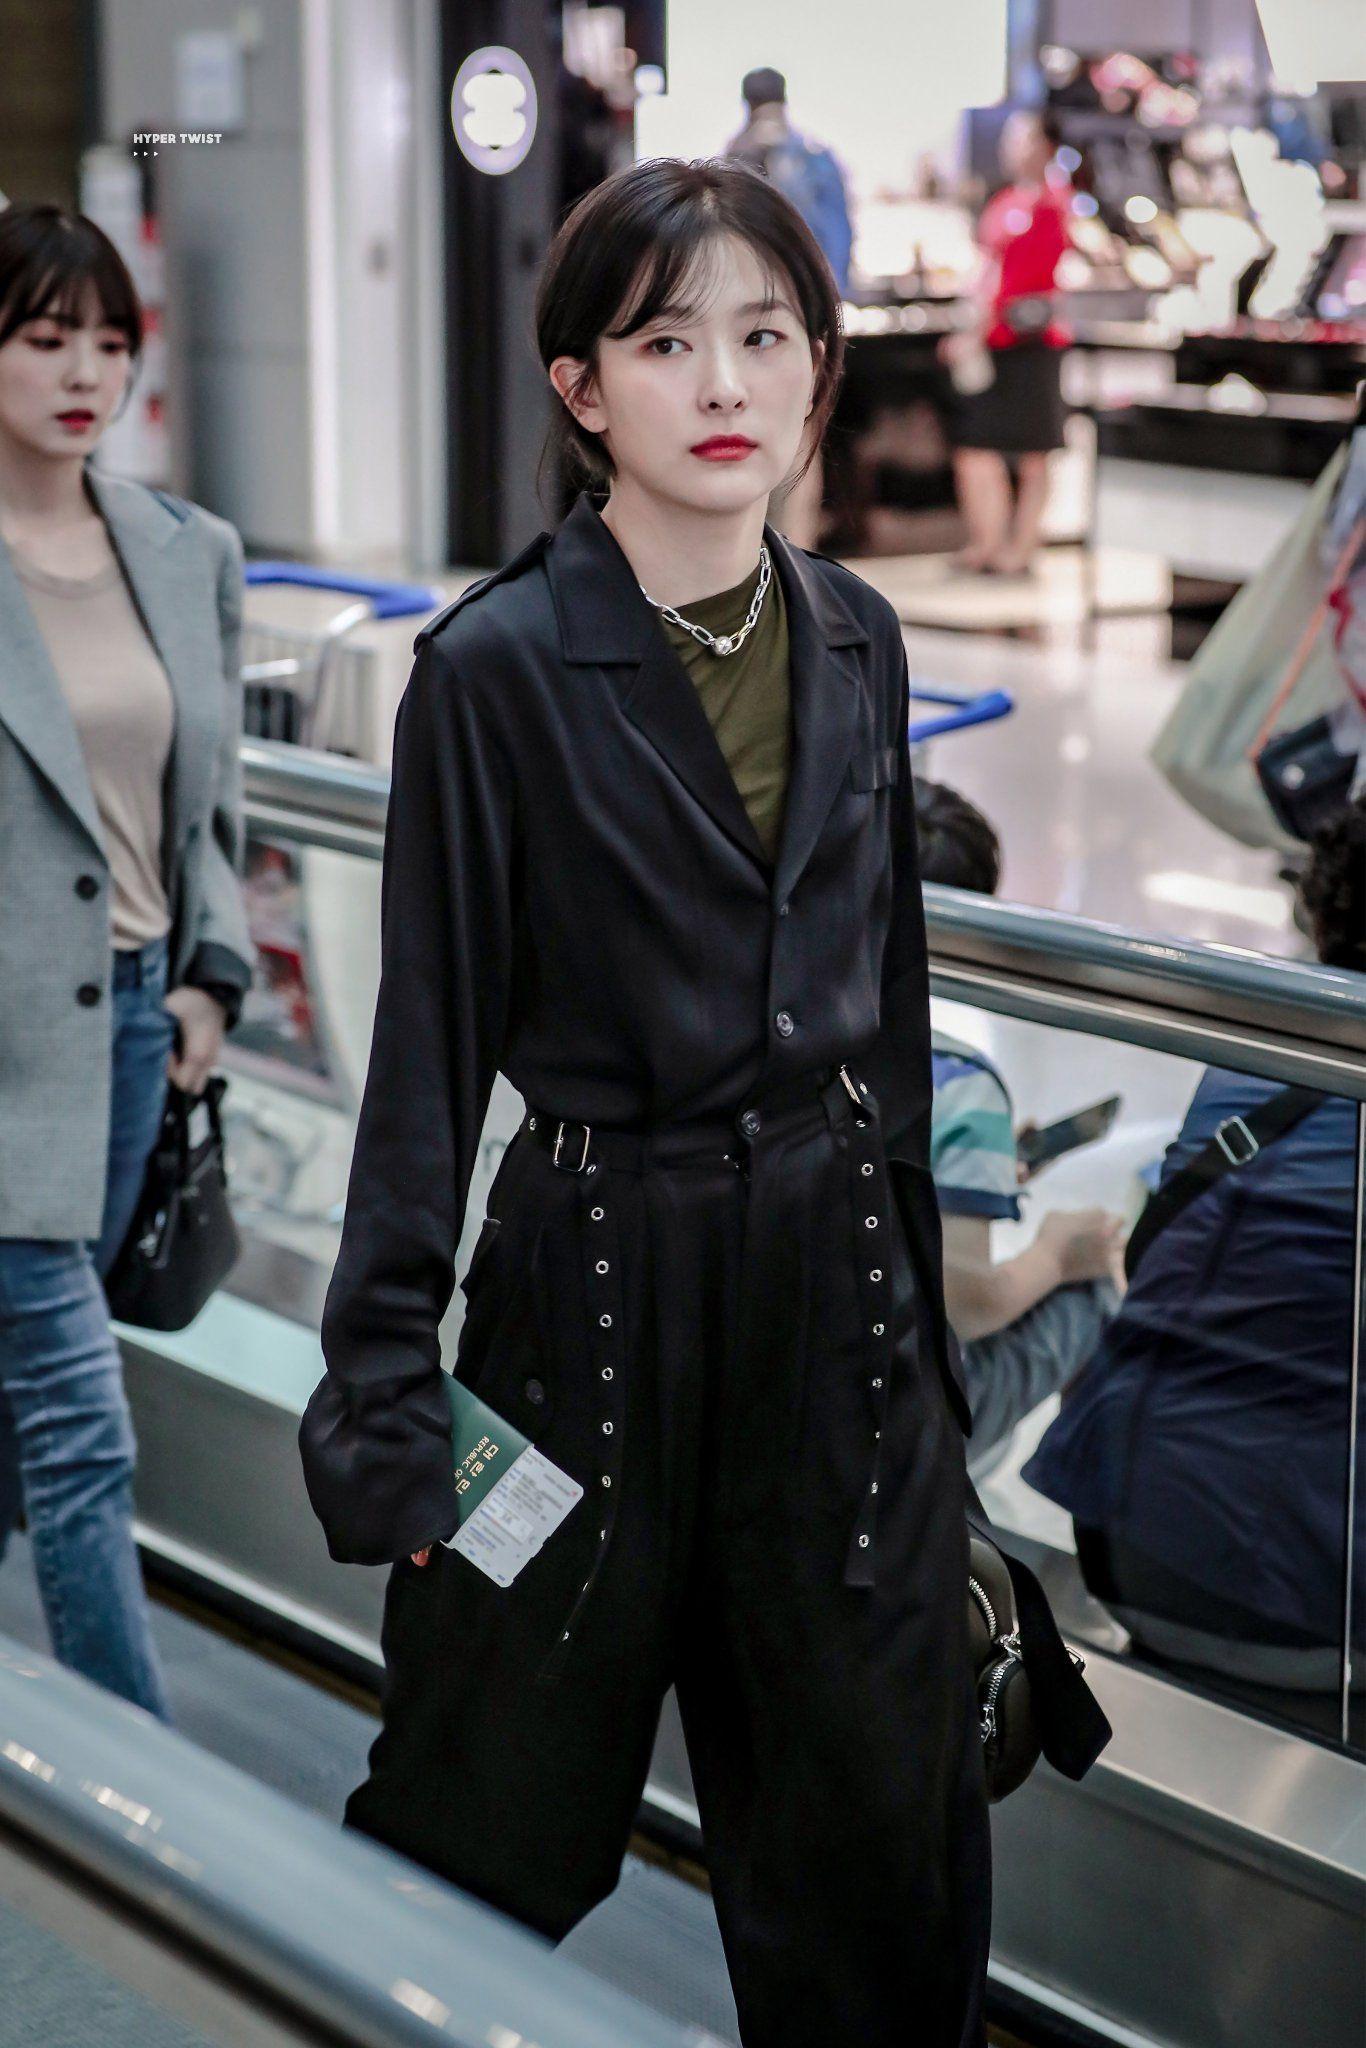 Hyper Twist On Twitter Korean Airport Fashion Velvet Fashion Red Velvet Seulgi